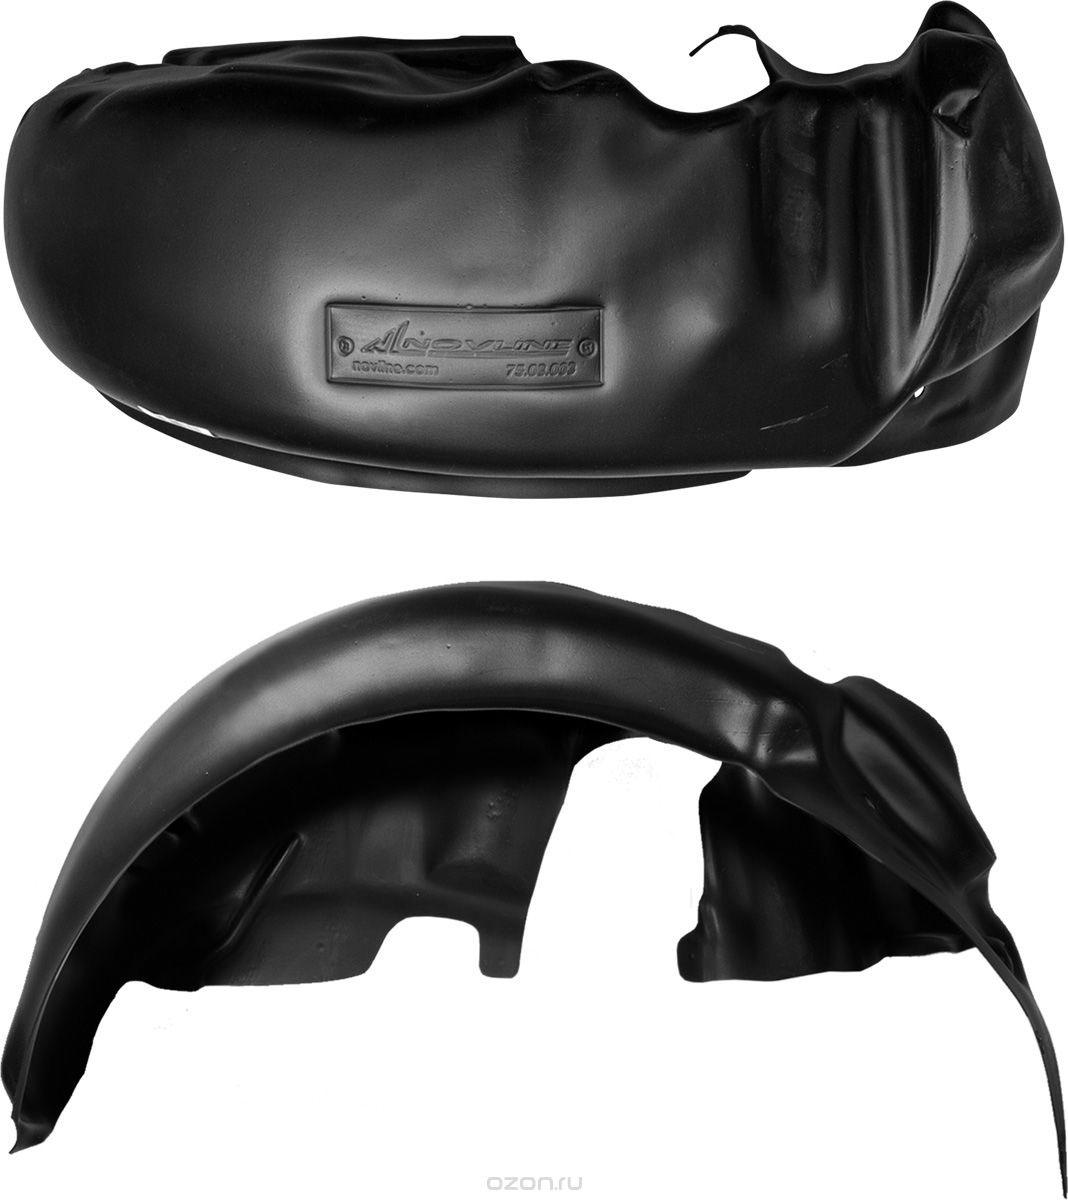 Подкрылок Novline-Autofamily, для TOYOTA Venza , 2013->, задний правыйNLL.48.56.004Идеальная защита колесной ниши. Локеры разработаны с применением цифровых технологий, гарантируют максимальную повторяемость поверхности арки. Изделия устанавливаются без нарушения лакокрасочного покрытия автомобиля, каждый подкрылок комплектуется крепежом. Уважаемые клиенты, обращаем ваше внимание, что фотографии на подкрылки универсальные и не отражают реальную форму изделия. При этом само изделие идет точно под размер указанного автомобиля.